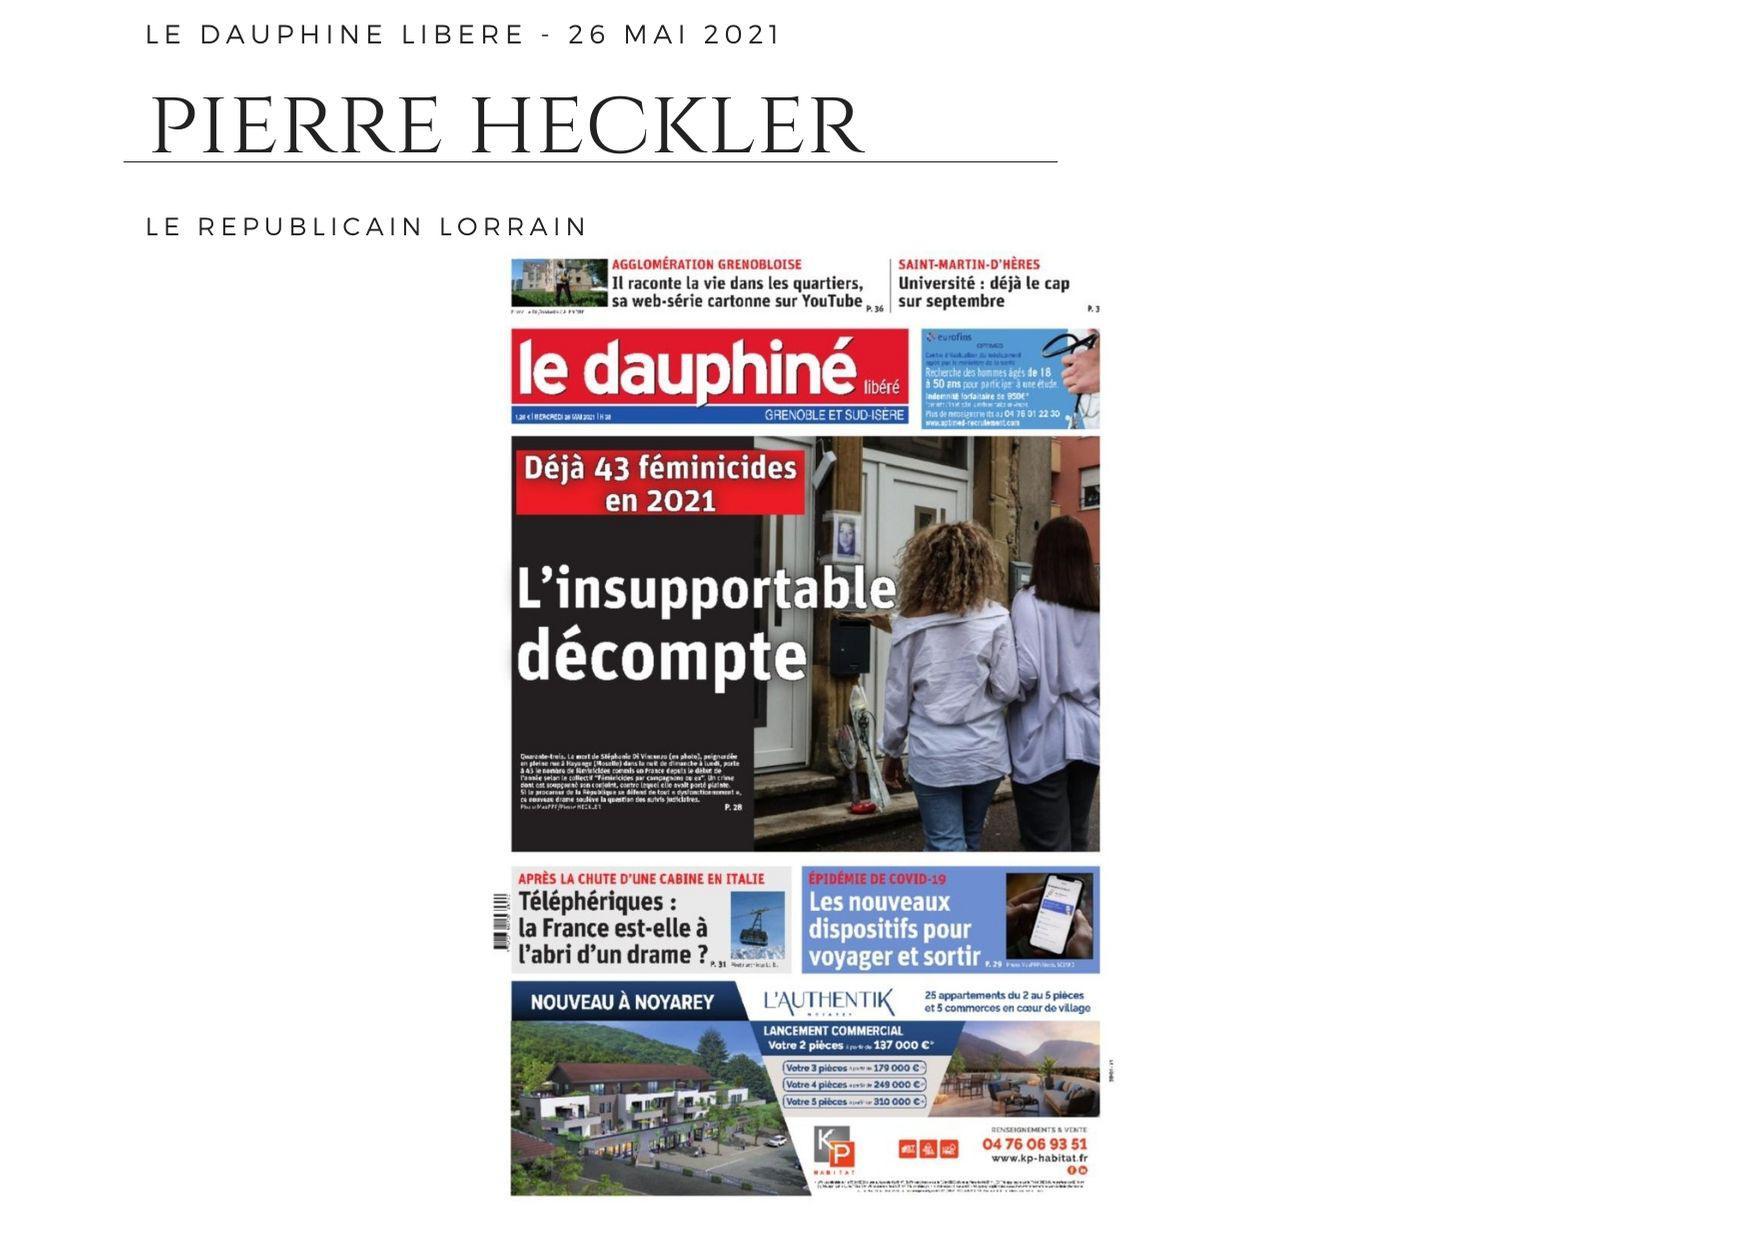 La Dauphiné Libéré - 26 mai 2021